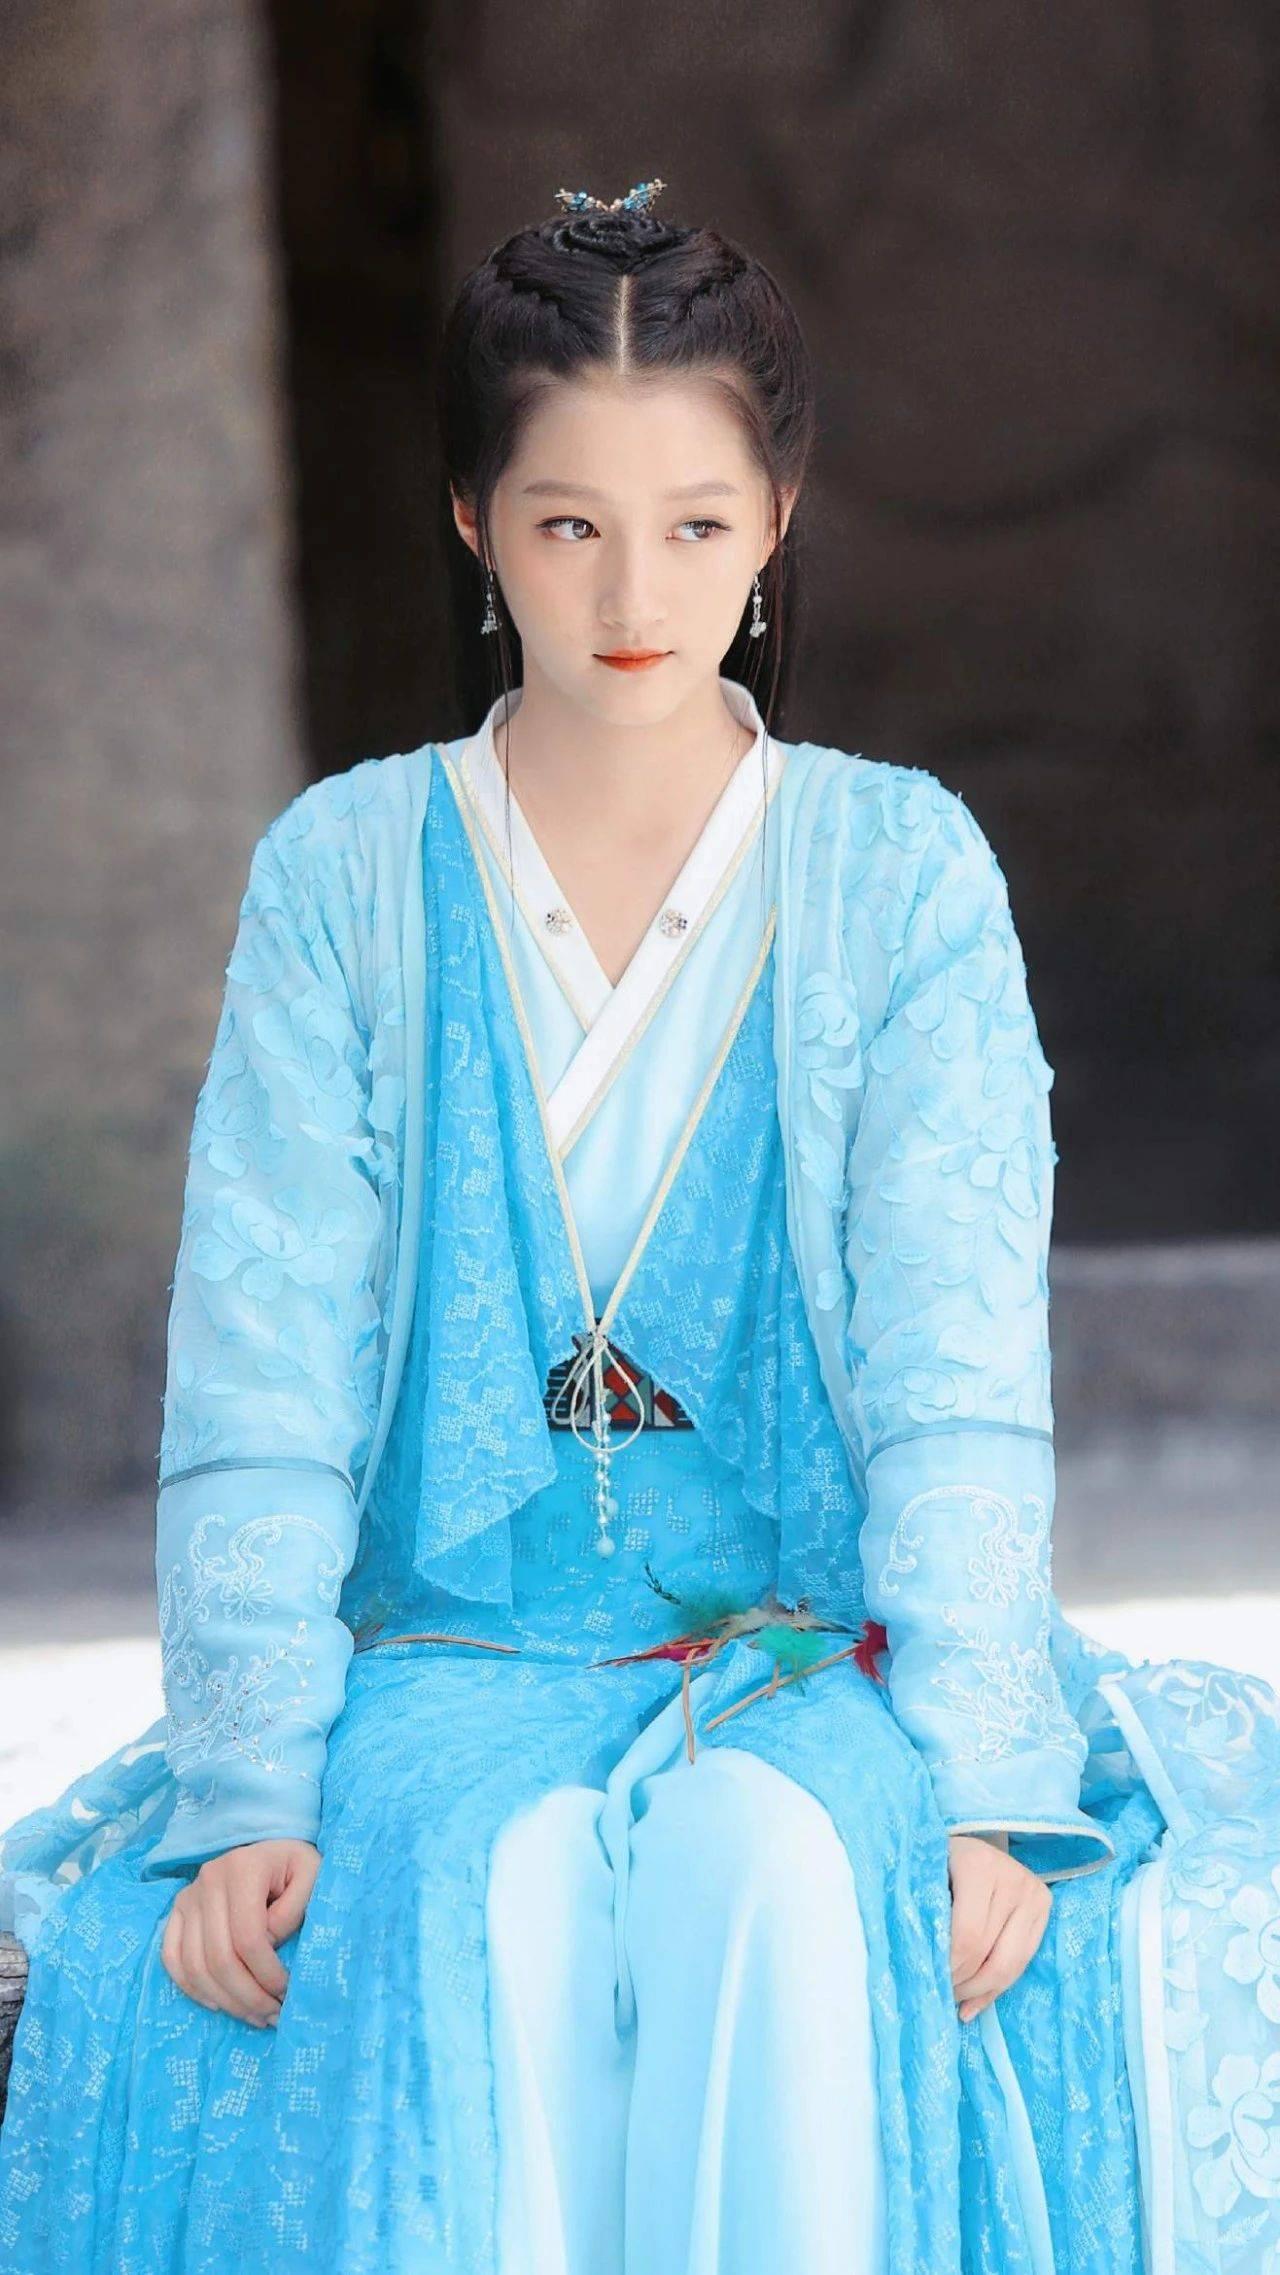 关晓彤《轩辕剑之汉之云》壁纸送达,是灵动水嫩的小仙女哒